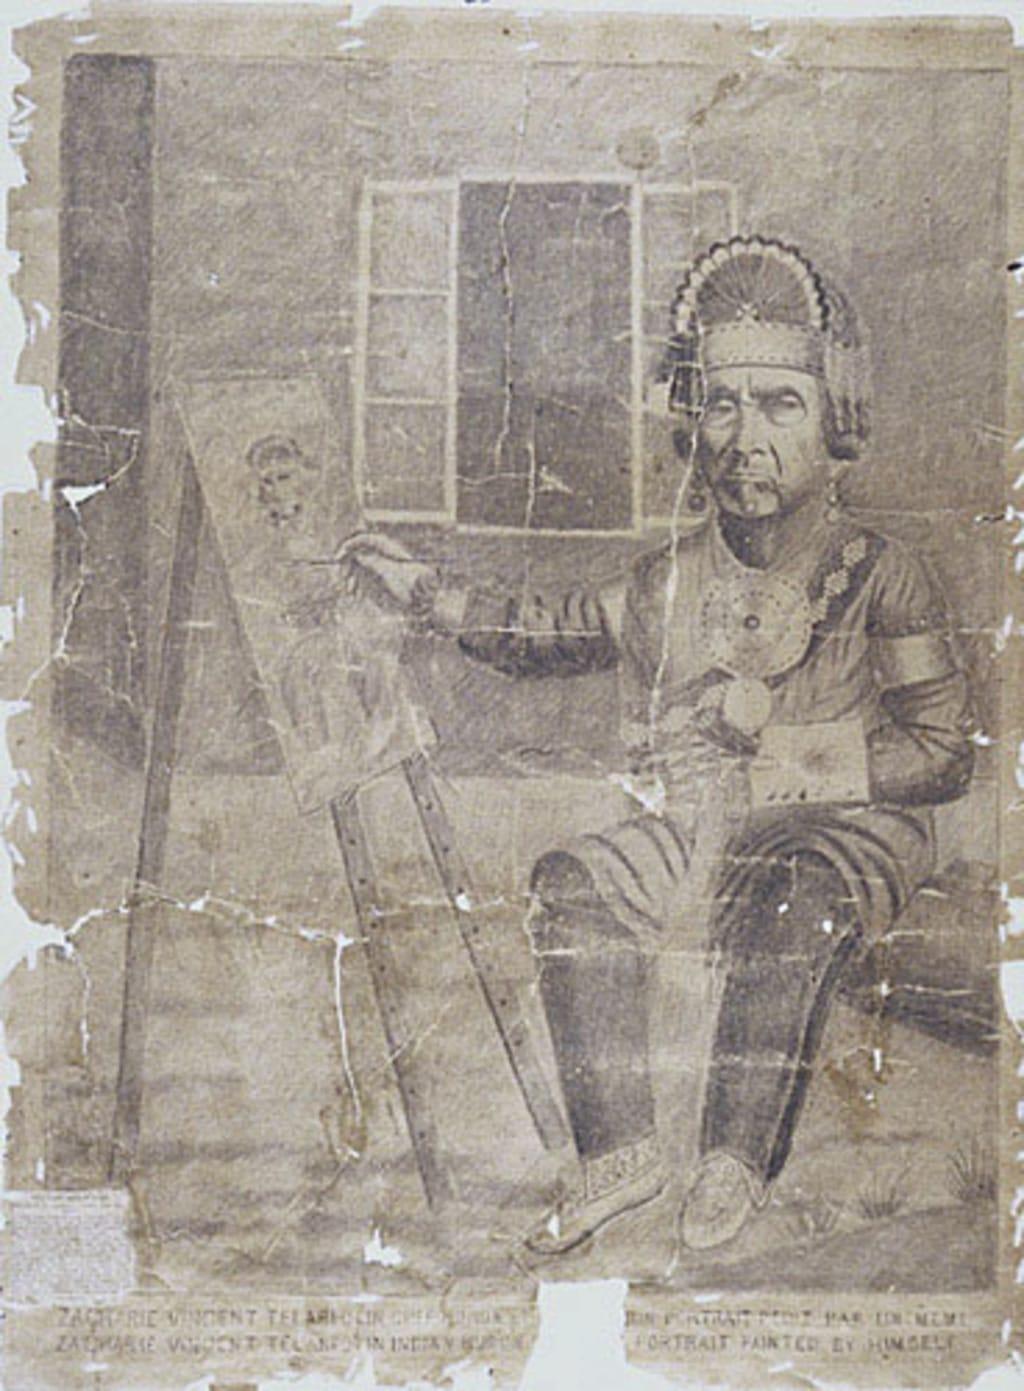 Zacharie Vincent Telariolin chef huron et son portrait peint par lui-même